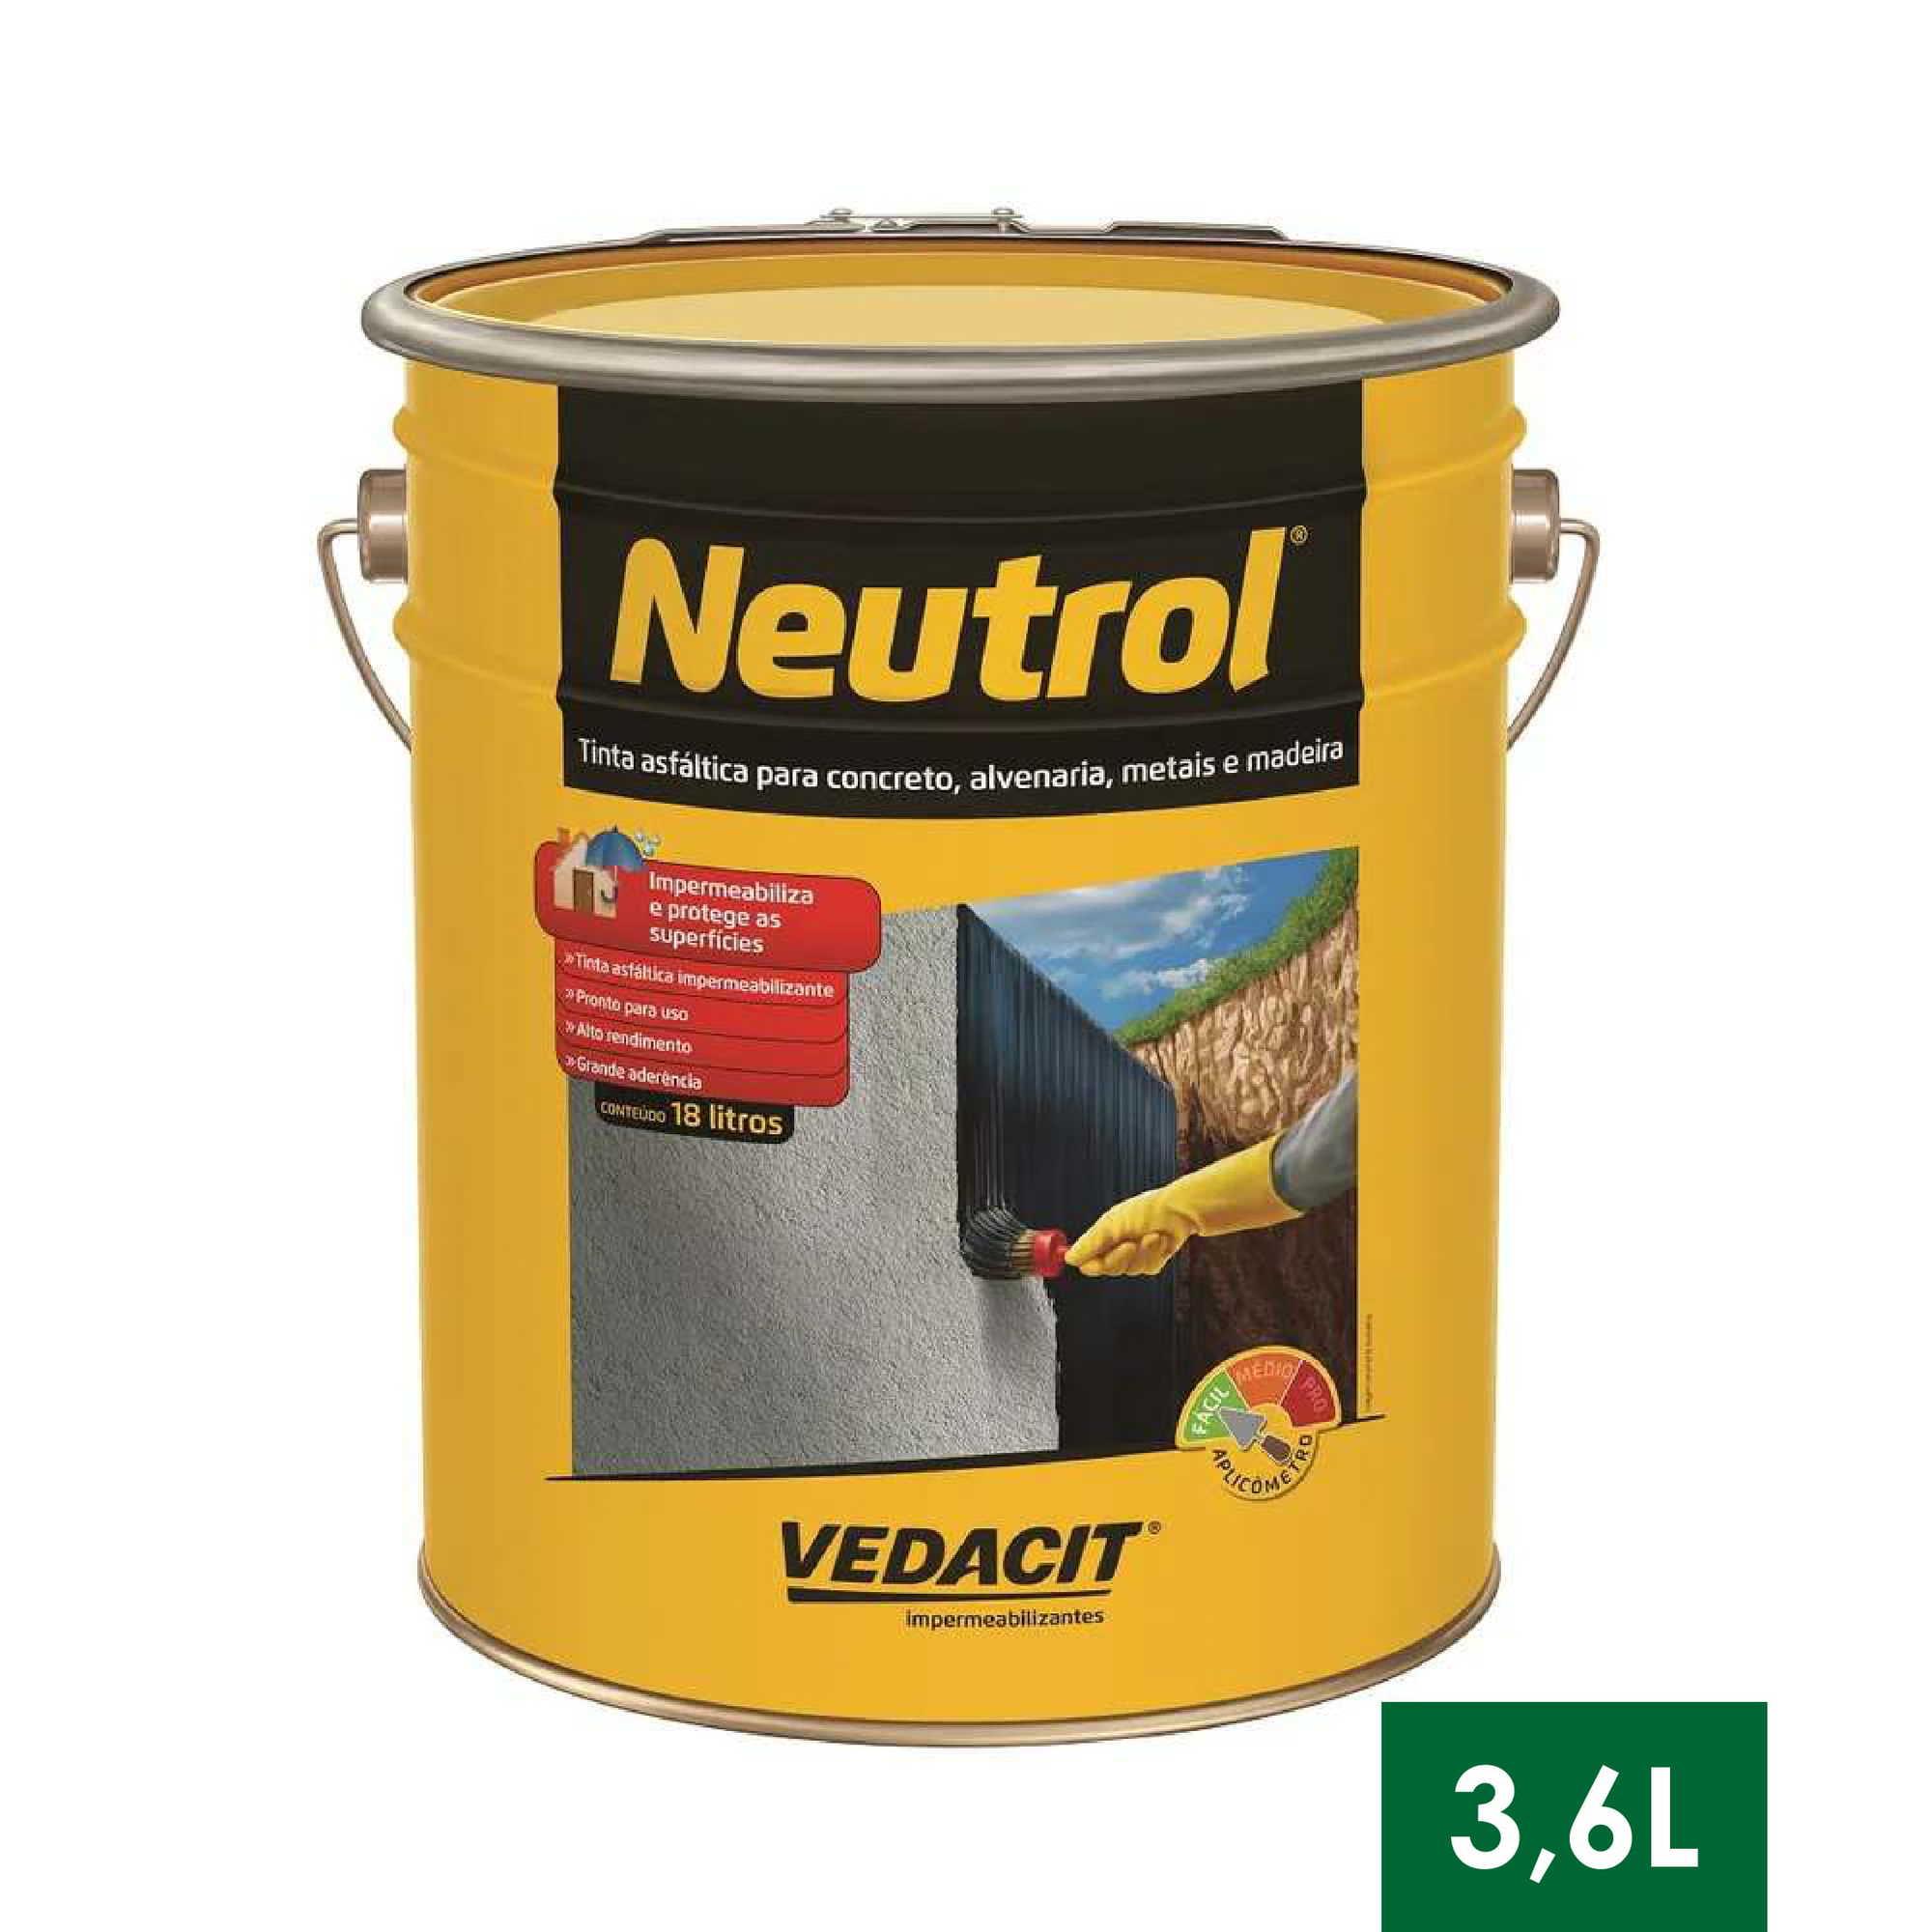 NEUTROL 3,6 LT VED